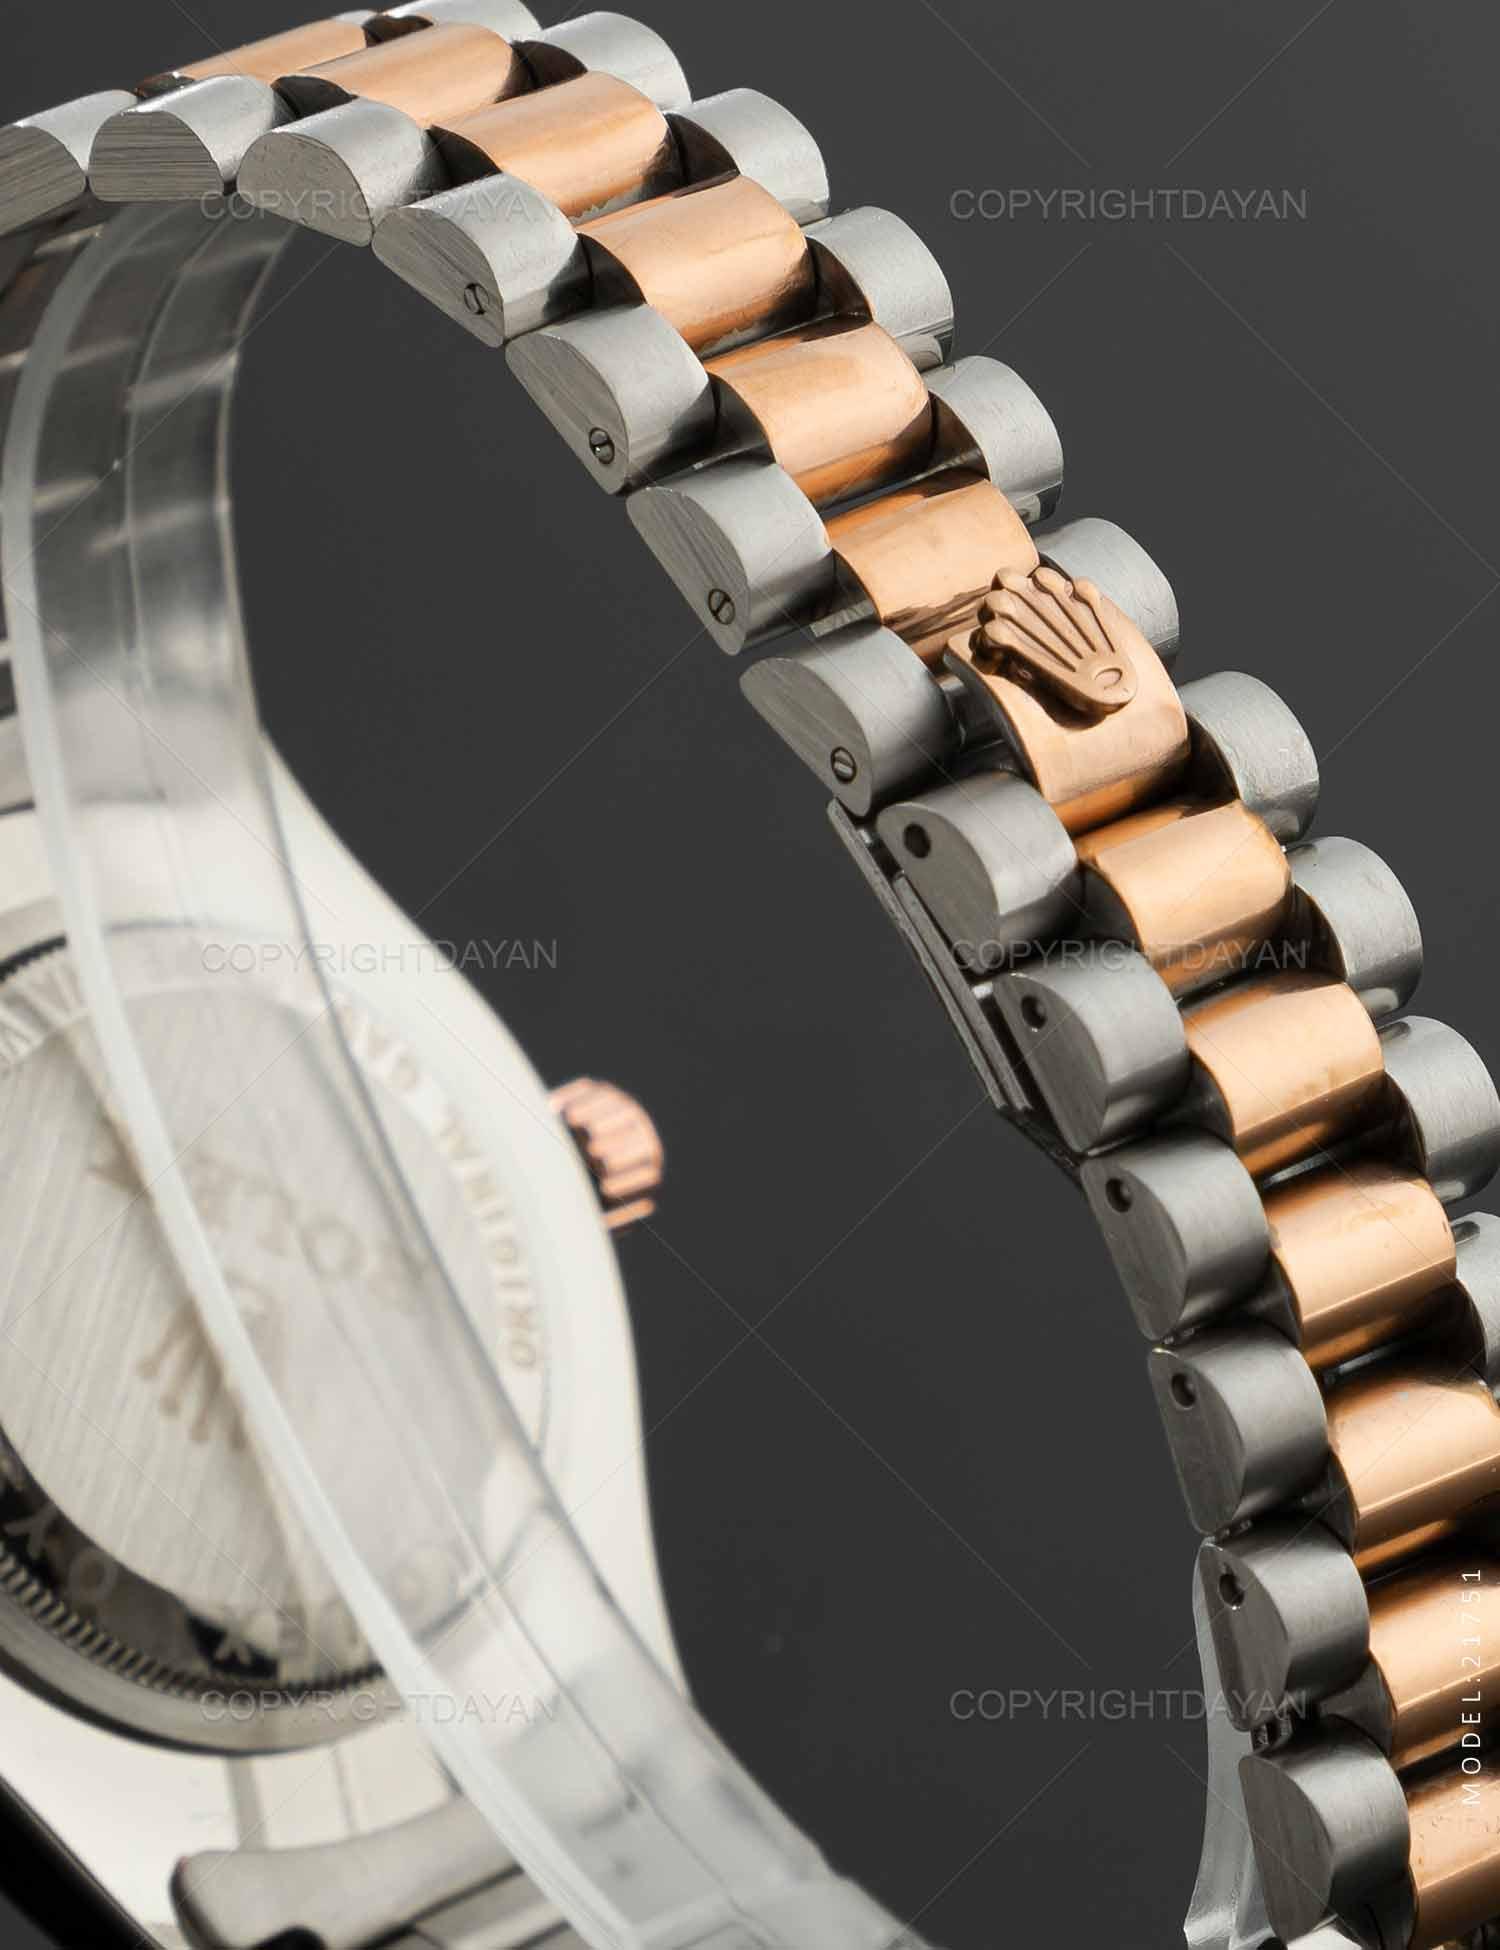 ساعت مچی مردانه Rolex مدل 21751 ساعت مچی مردانه Rolex مدل 21751 259,000 تومان